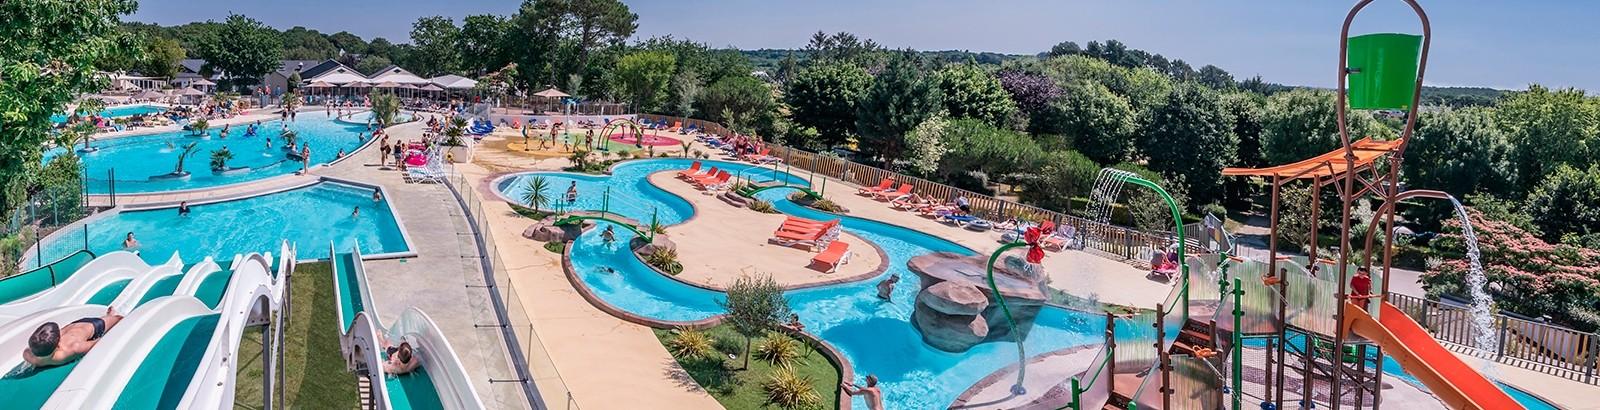 Parc aquatique XXL et piscine couverte sur une surface de 3800m²